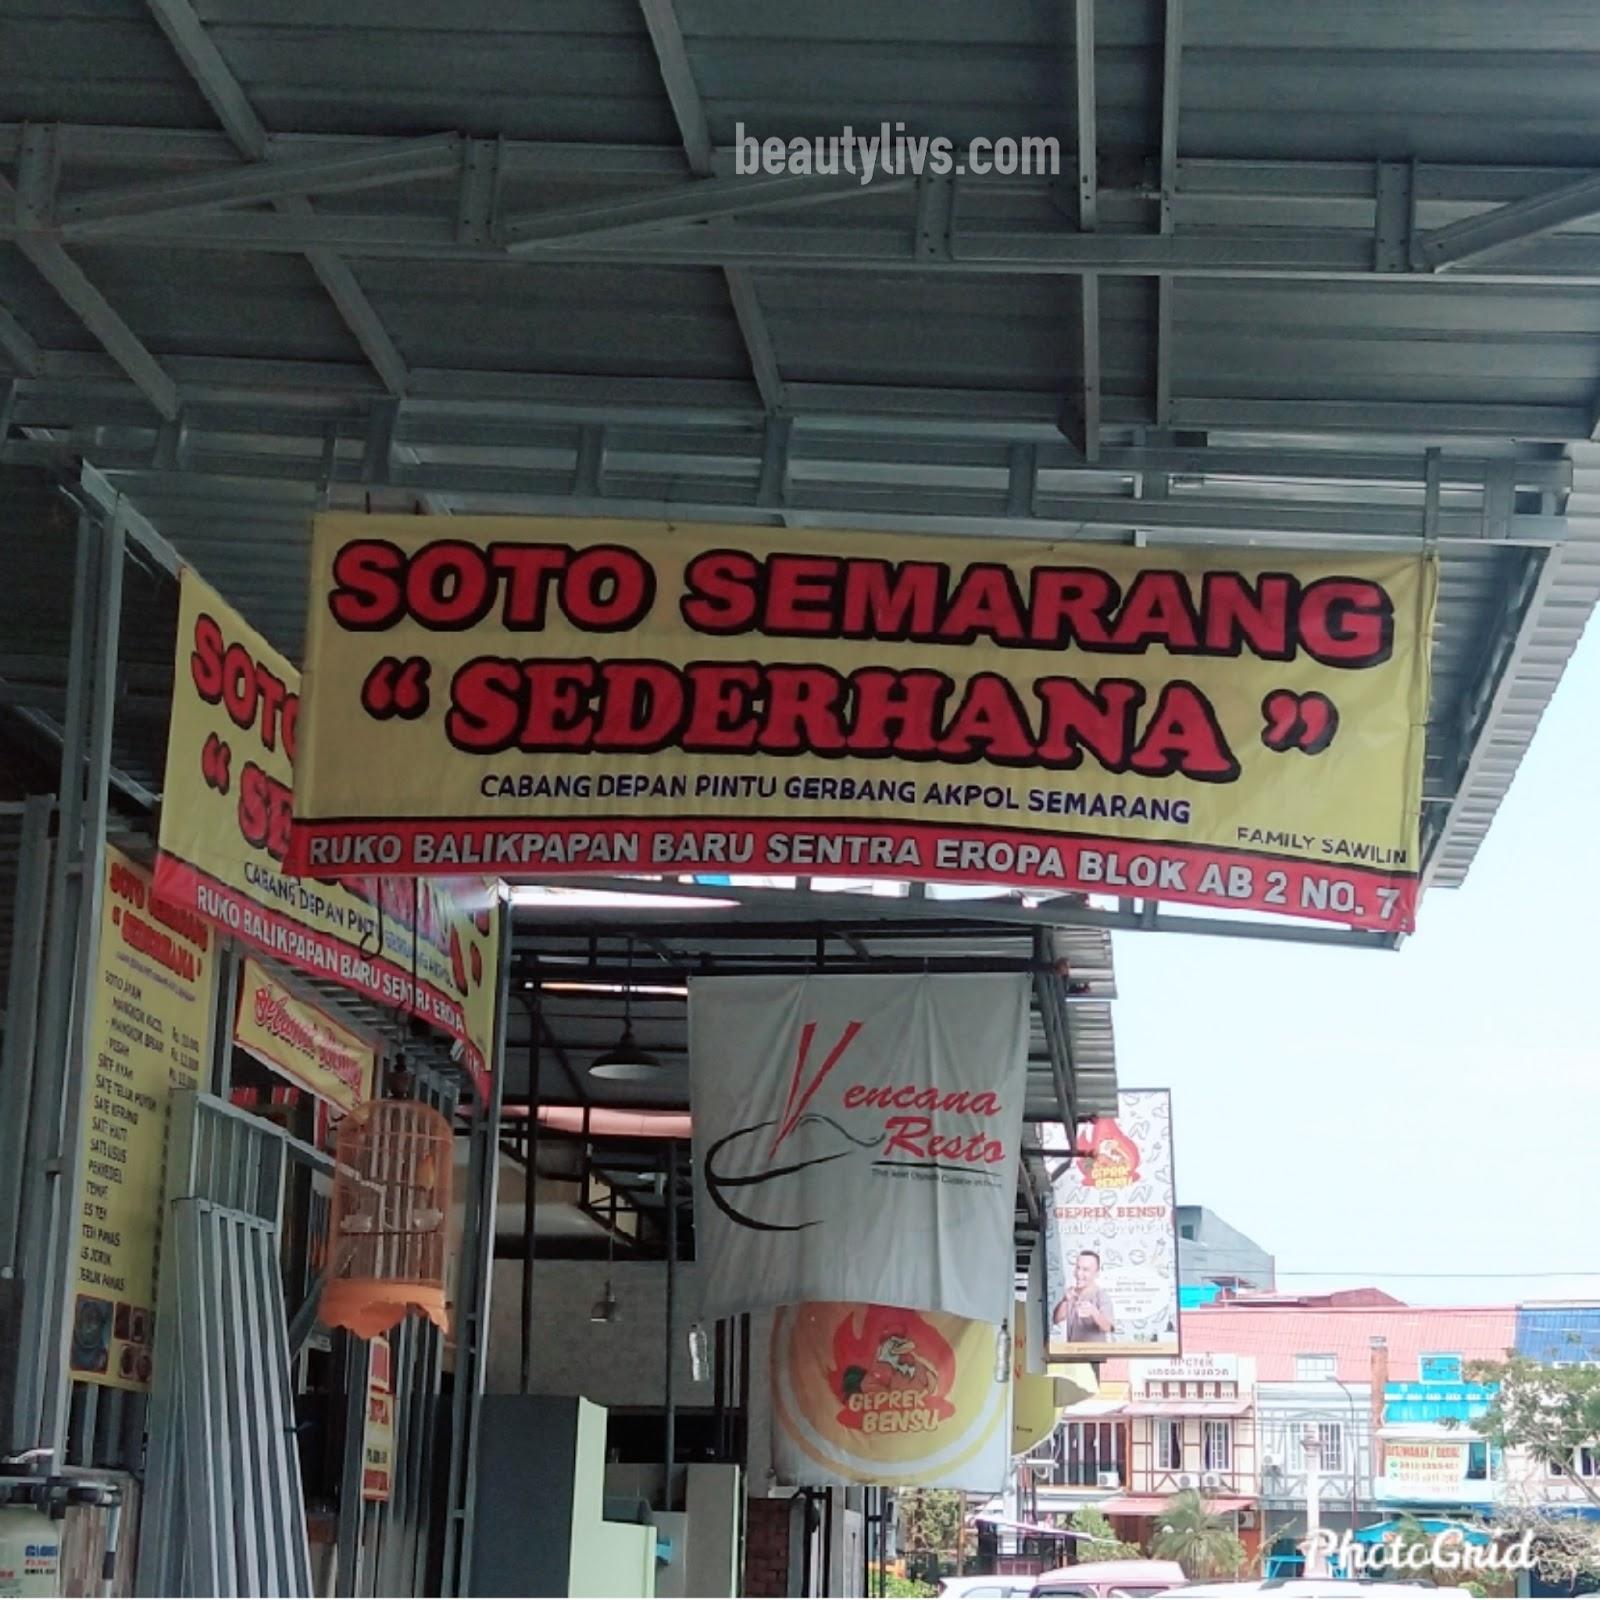 Makan Soto Murah Enak Cuma Di Soto Semarang Sederhana Balikpapan